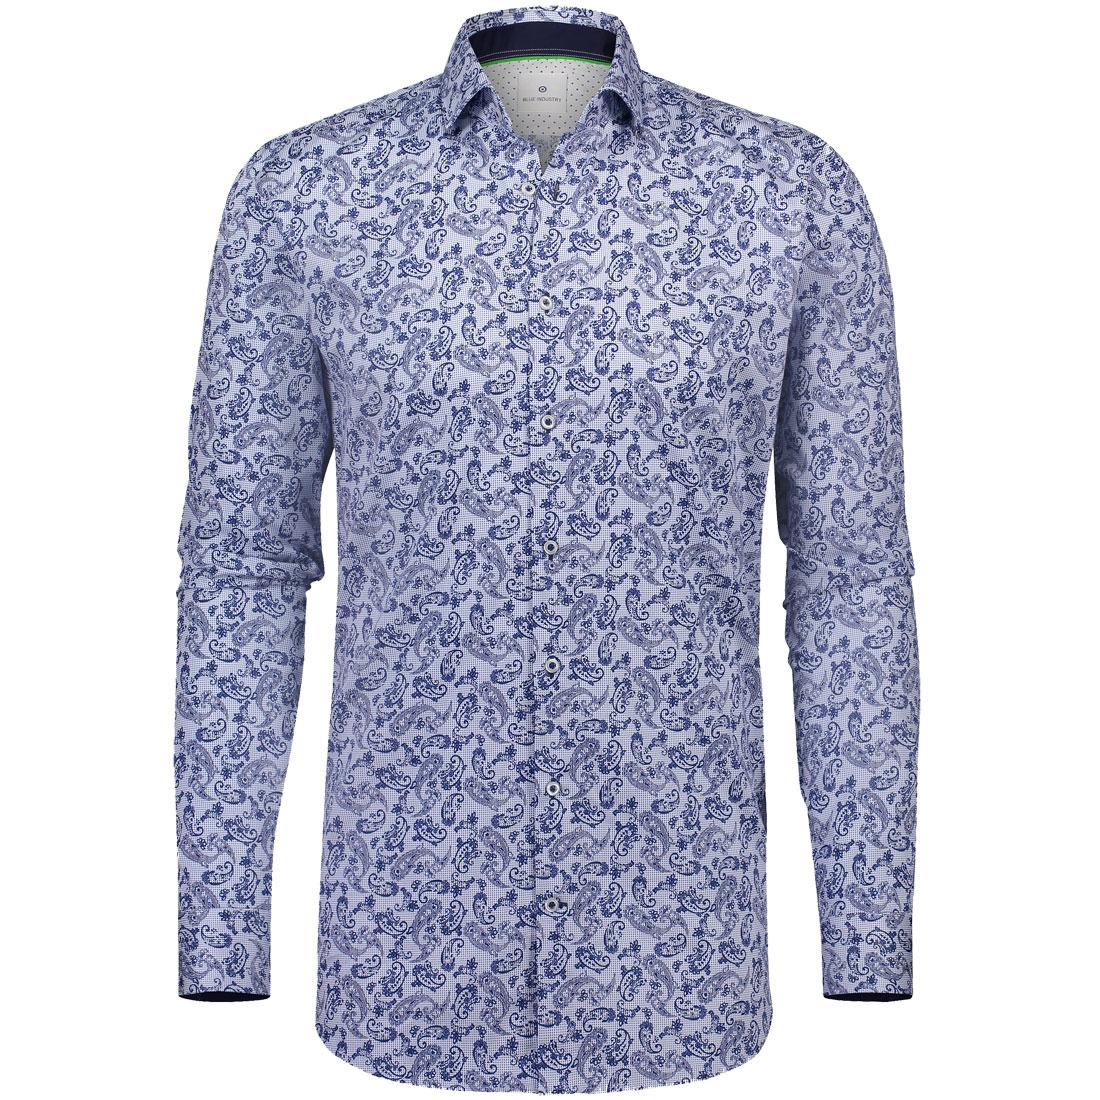 Blue Industry overhemd 1161-82 in het Wit/Blauw